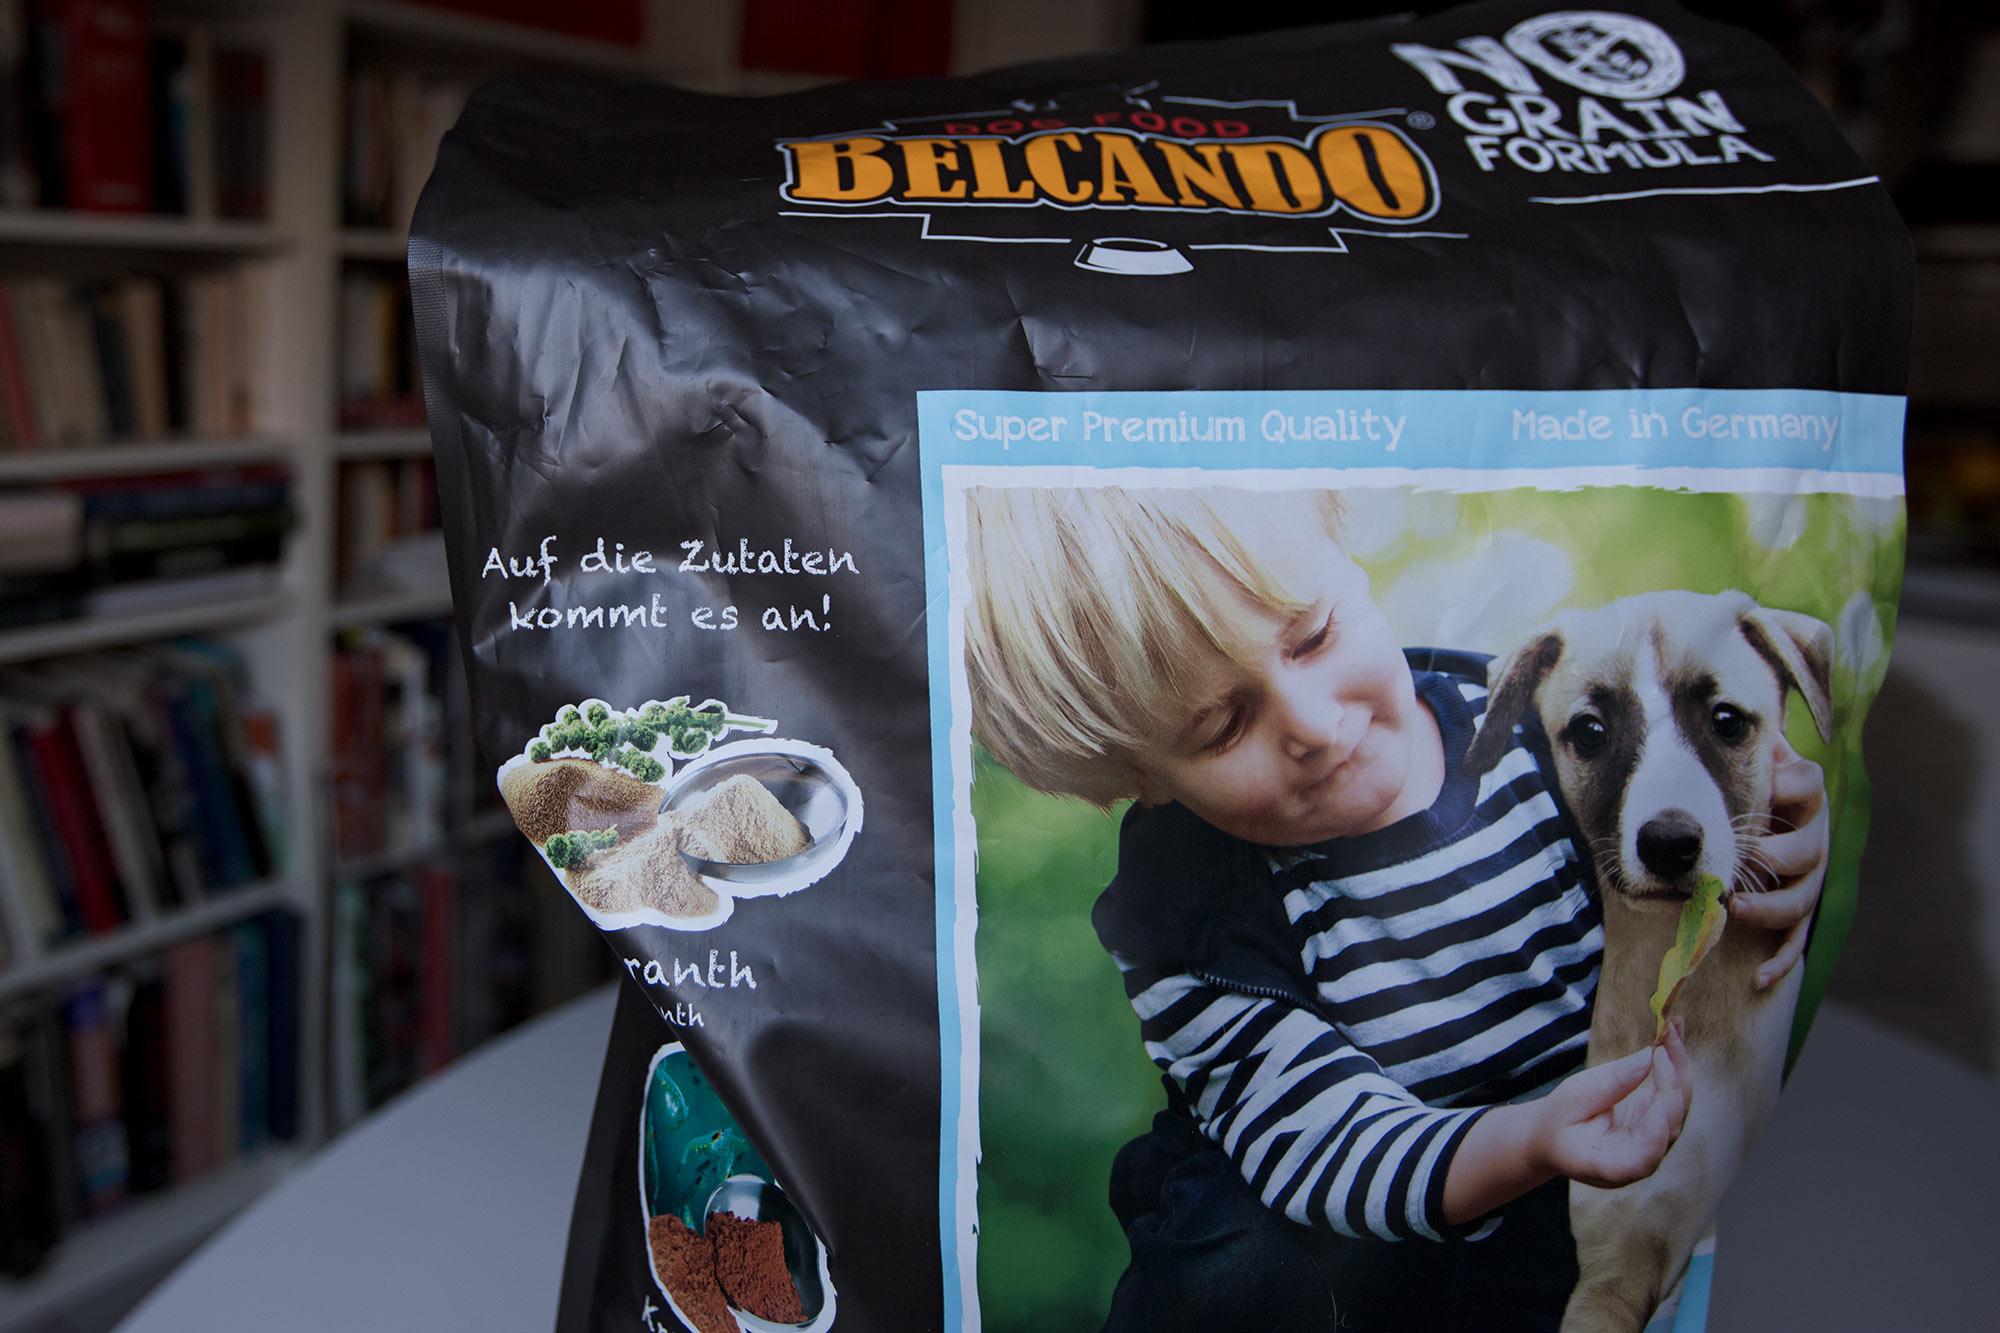 Mein Foto auf der Verpackung des Puppy-Futters. Ja ich bin ein bisschen stolz, auch weil der Welpe aus dem J-Wurf meiner Freundin Sandra Biesenbach (semper-crescendo-whippets) ist. Der Welpe ist ein Halbbruder des unvergleichlichen Mono. Seine Mutter Kissy (Jee Bee's Deep Is Your Love) hat ihre Spuren hinterlassen.